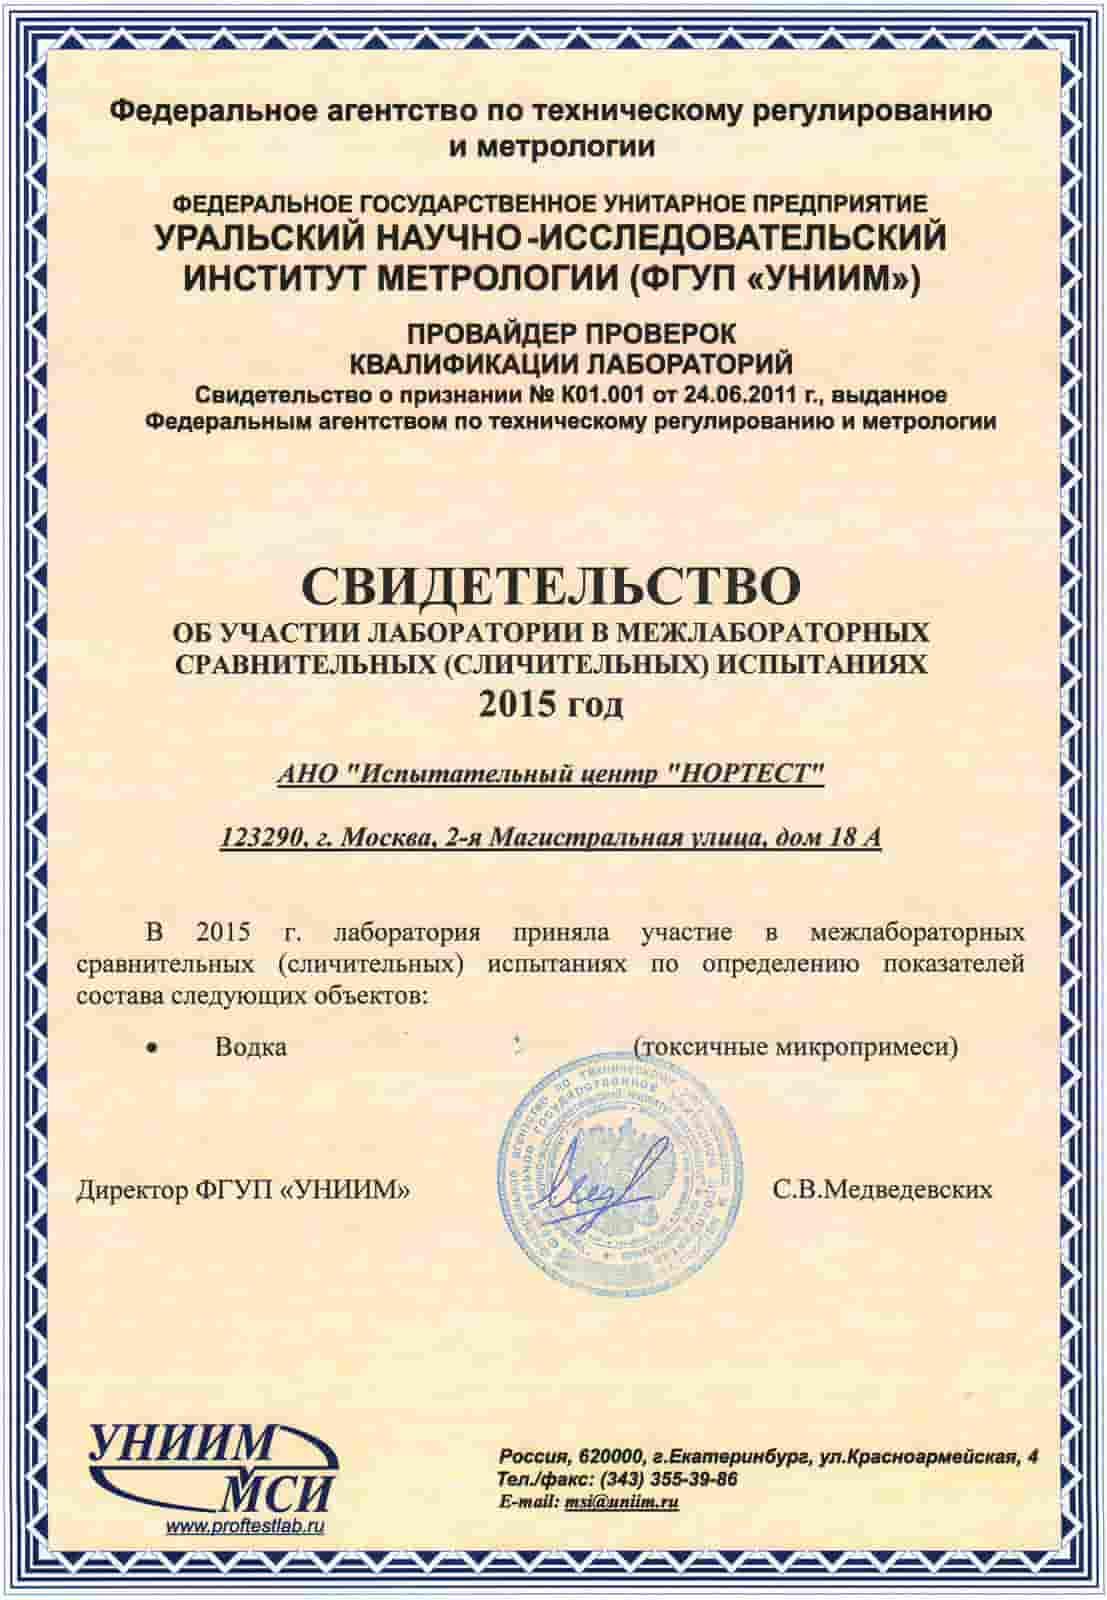 Свидетельство участника межлабораторных сравнительных испытаний. Октябрь 2015 года.